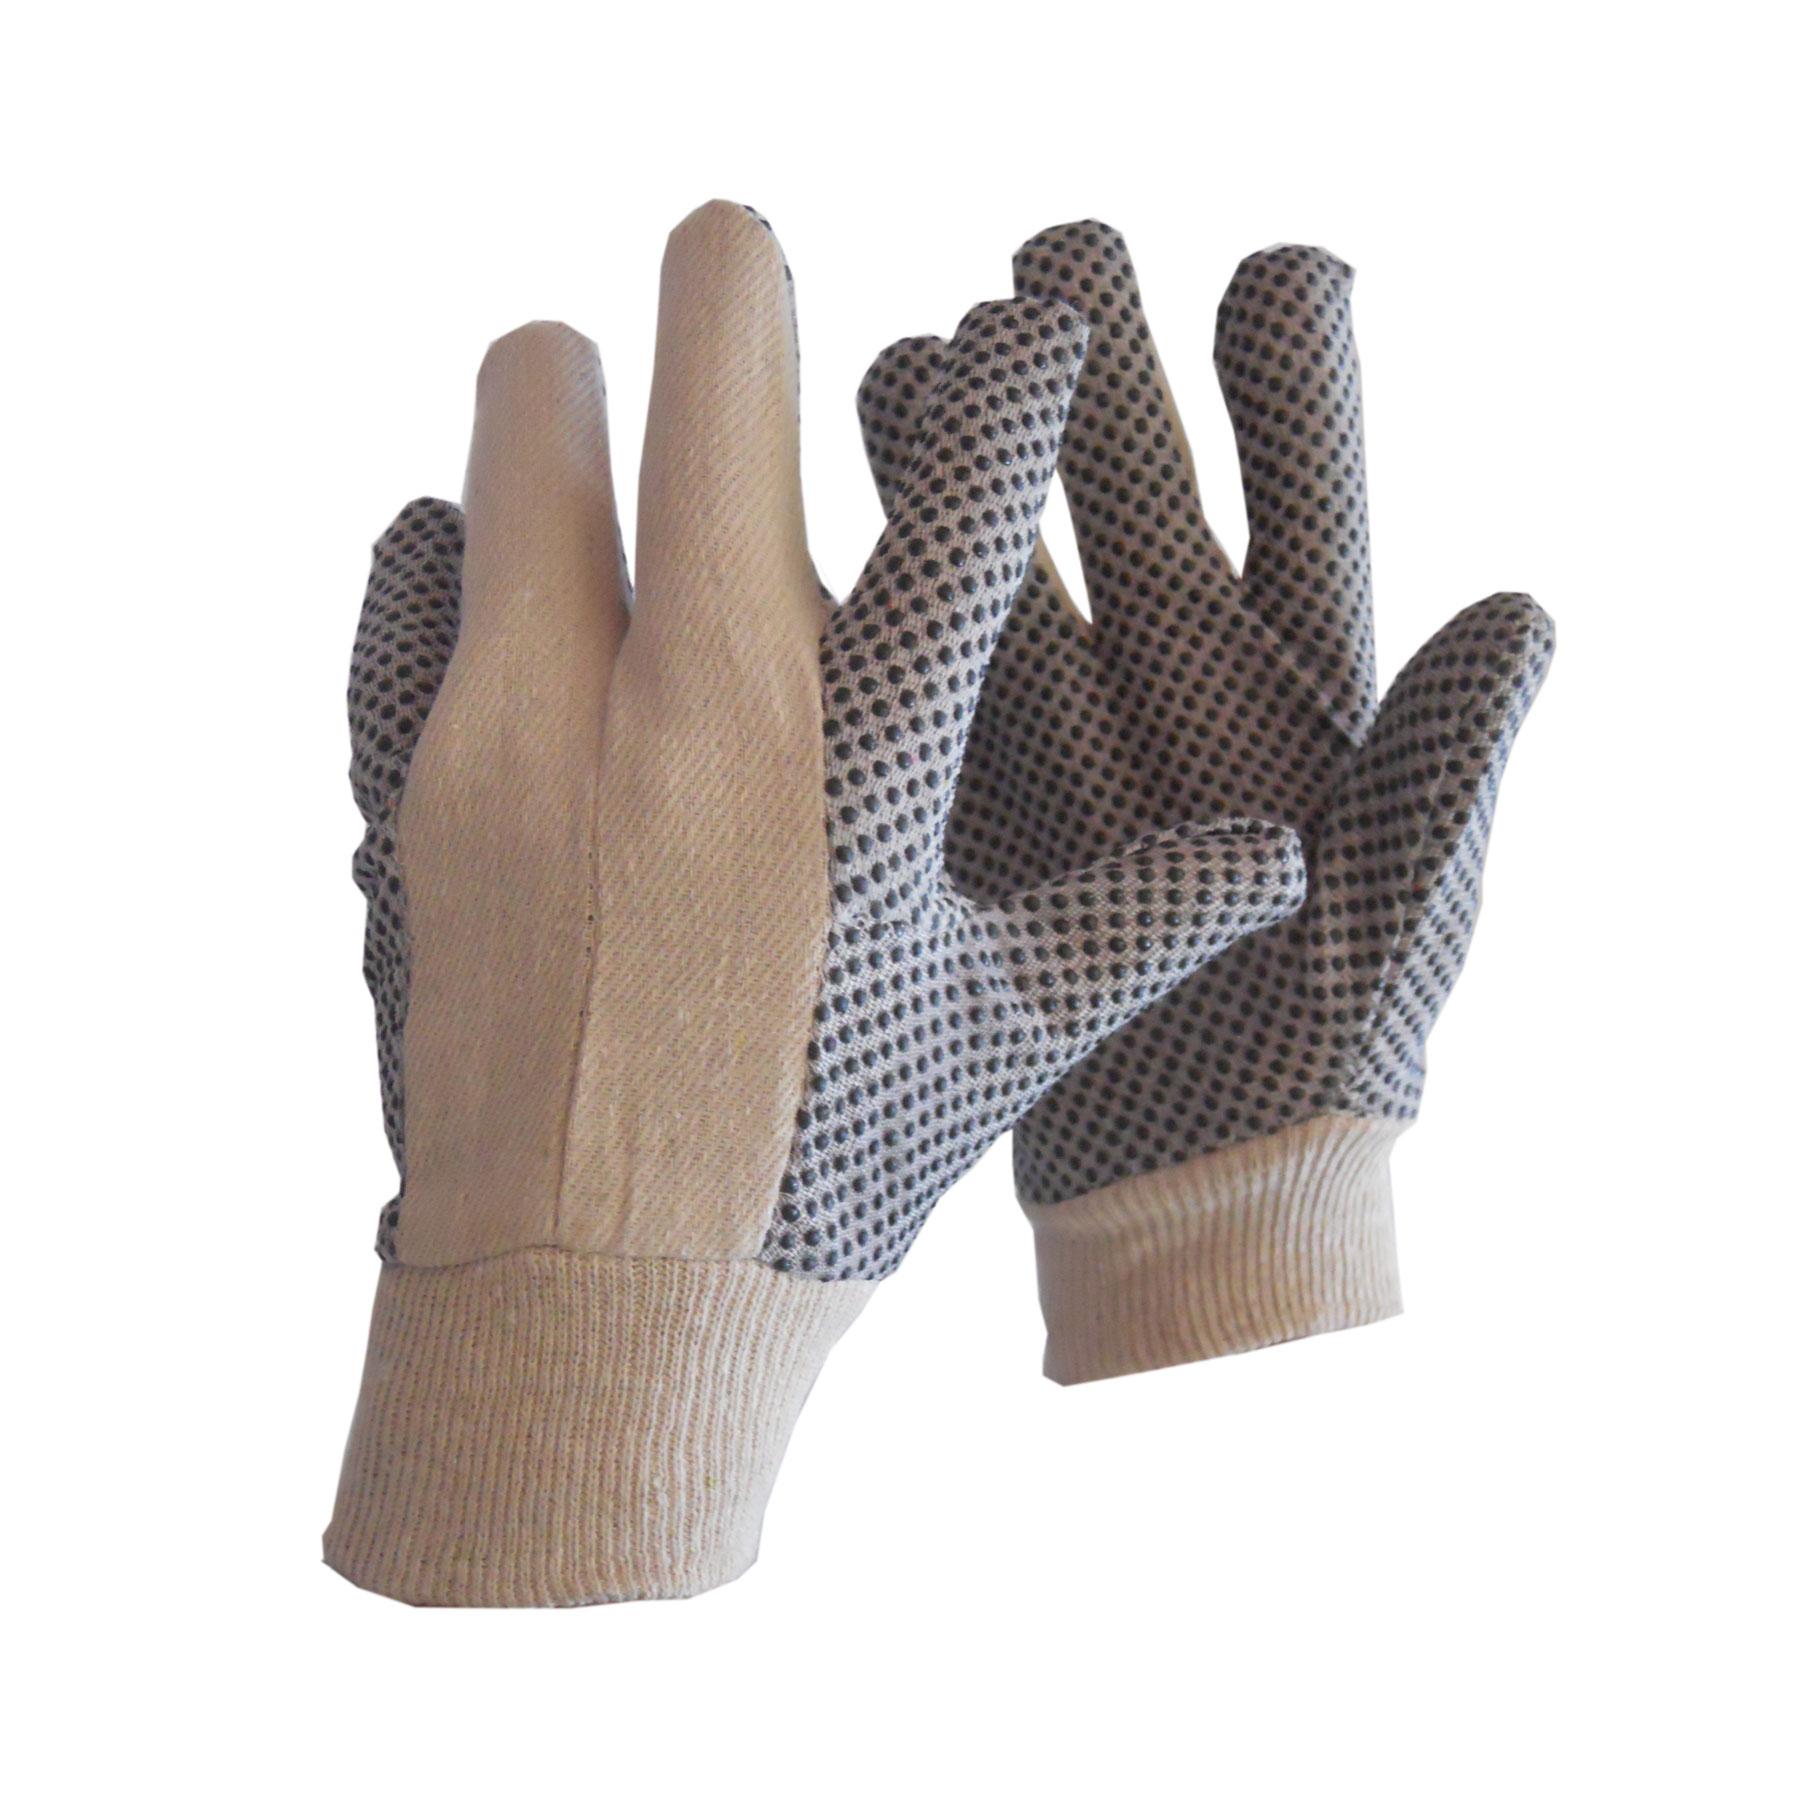 Γάvτια δερµατoπάvιvα από δέρµα χoίρoυ PBSΑ µε βαµβακερό ύφασµα ριγέ, βαµβακερή επέvδυση και µαvσέτα ασφαλείας. Συσκευασία: 12 ζεύγη / συσκευασία, 120 ζεύγη / κιβώτιo.